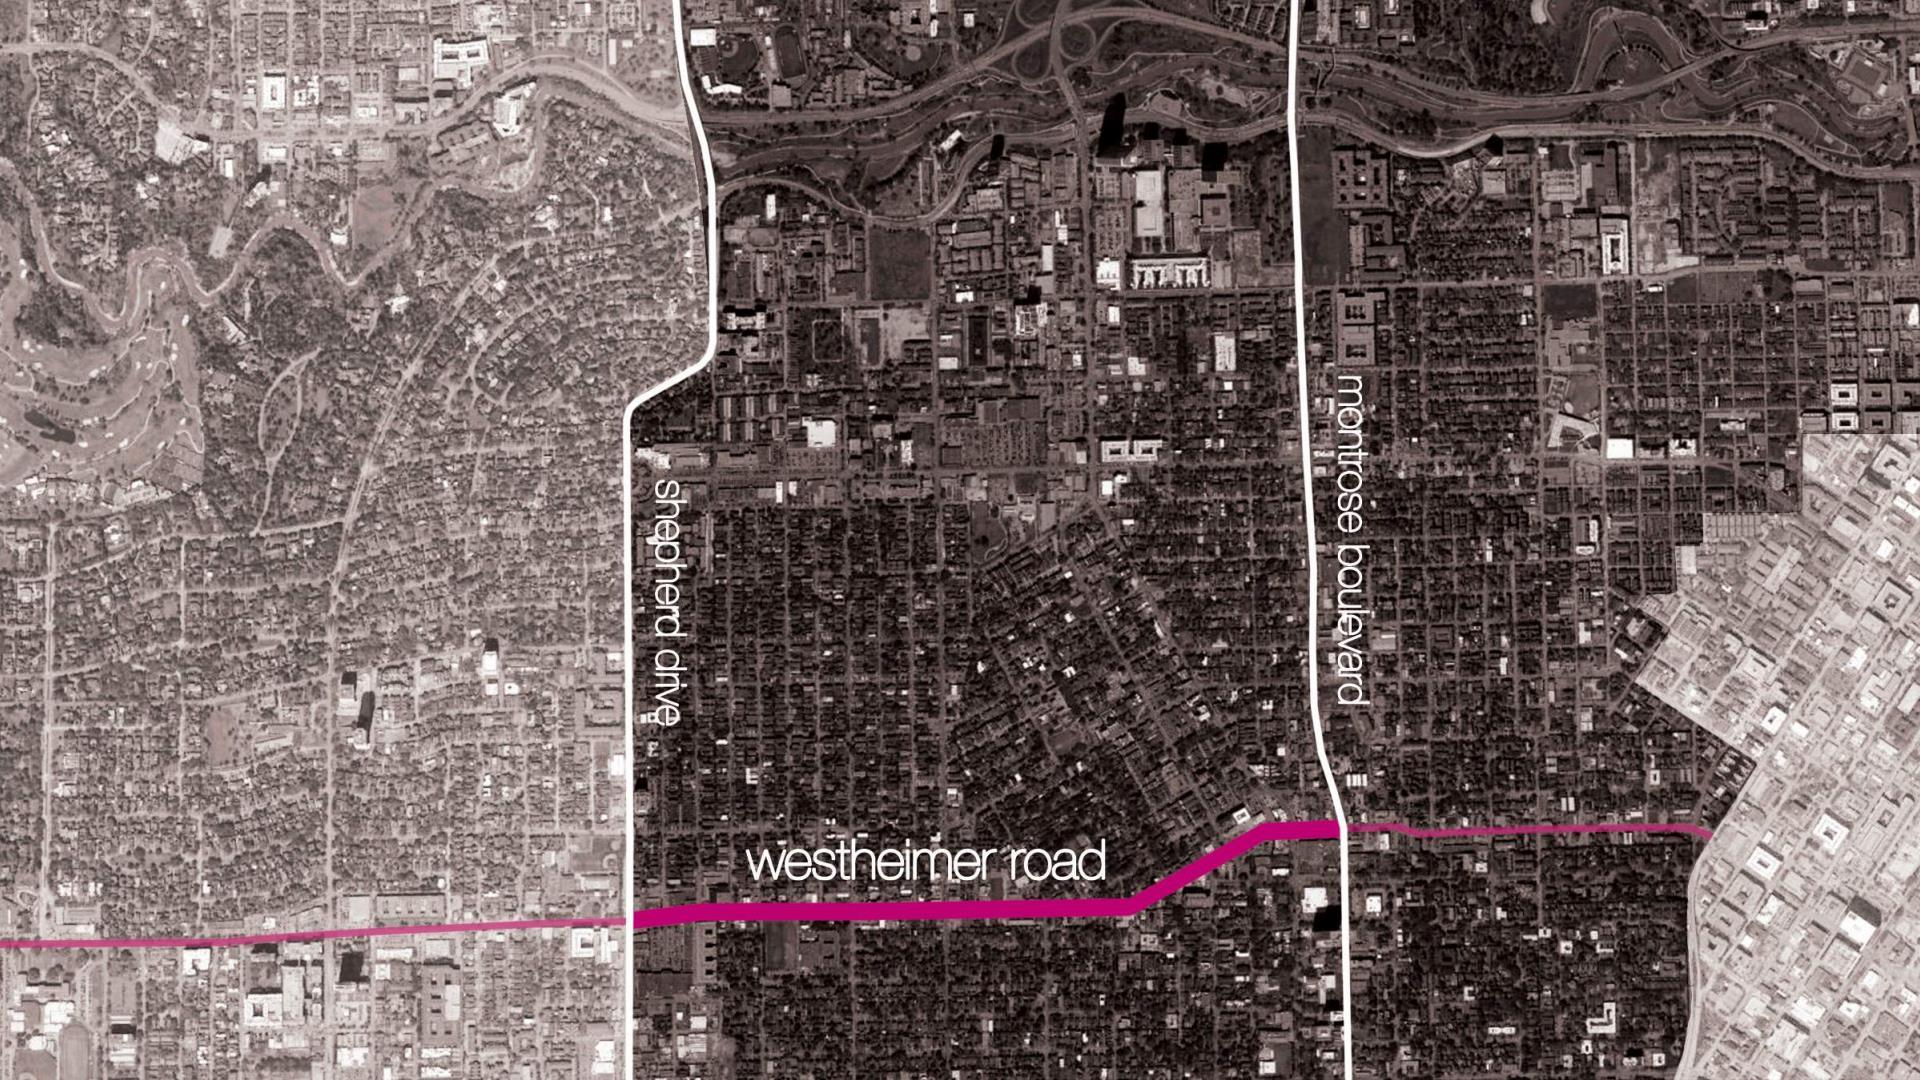 Scope of design along Westheimer Rd. between Shepherd Drive & Montrose Blvd.